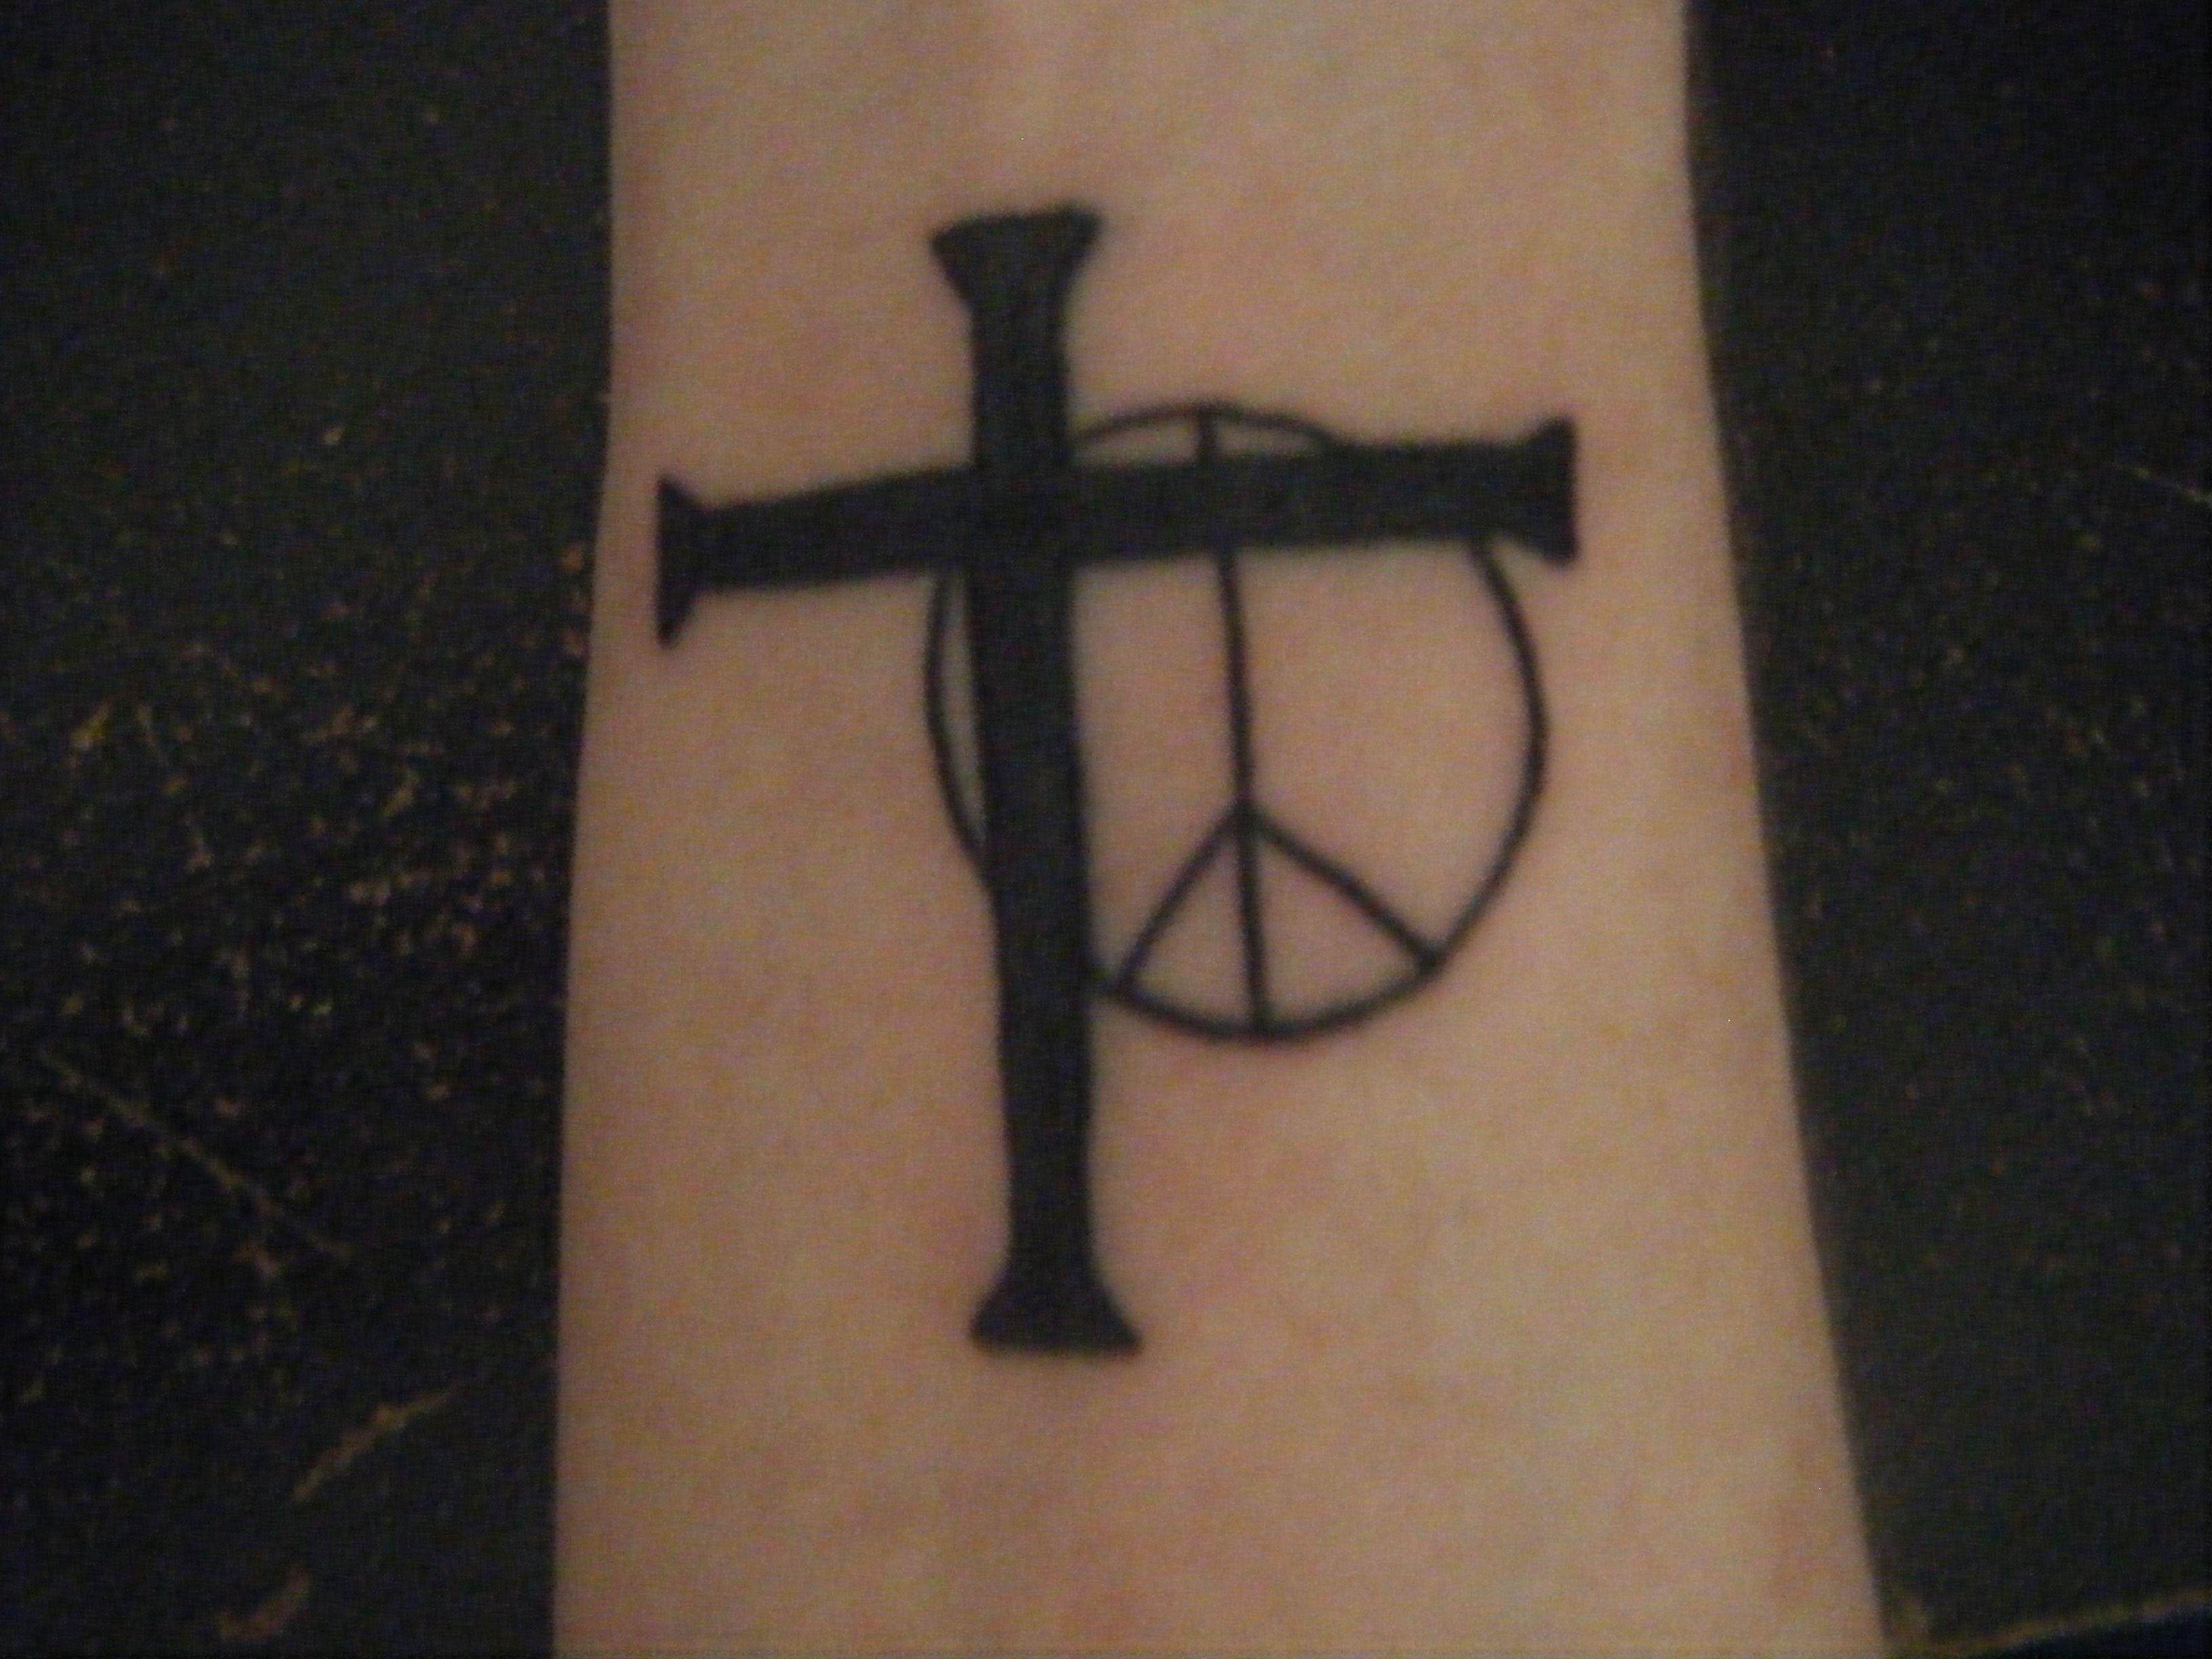 cross peace sign wrist wear dope